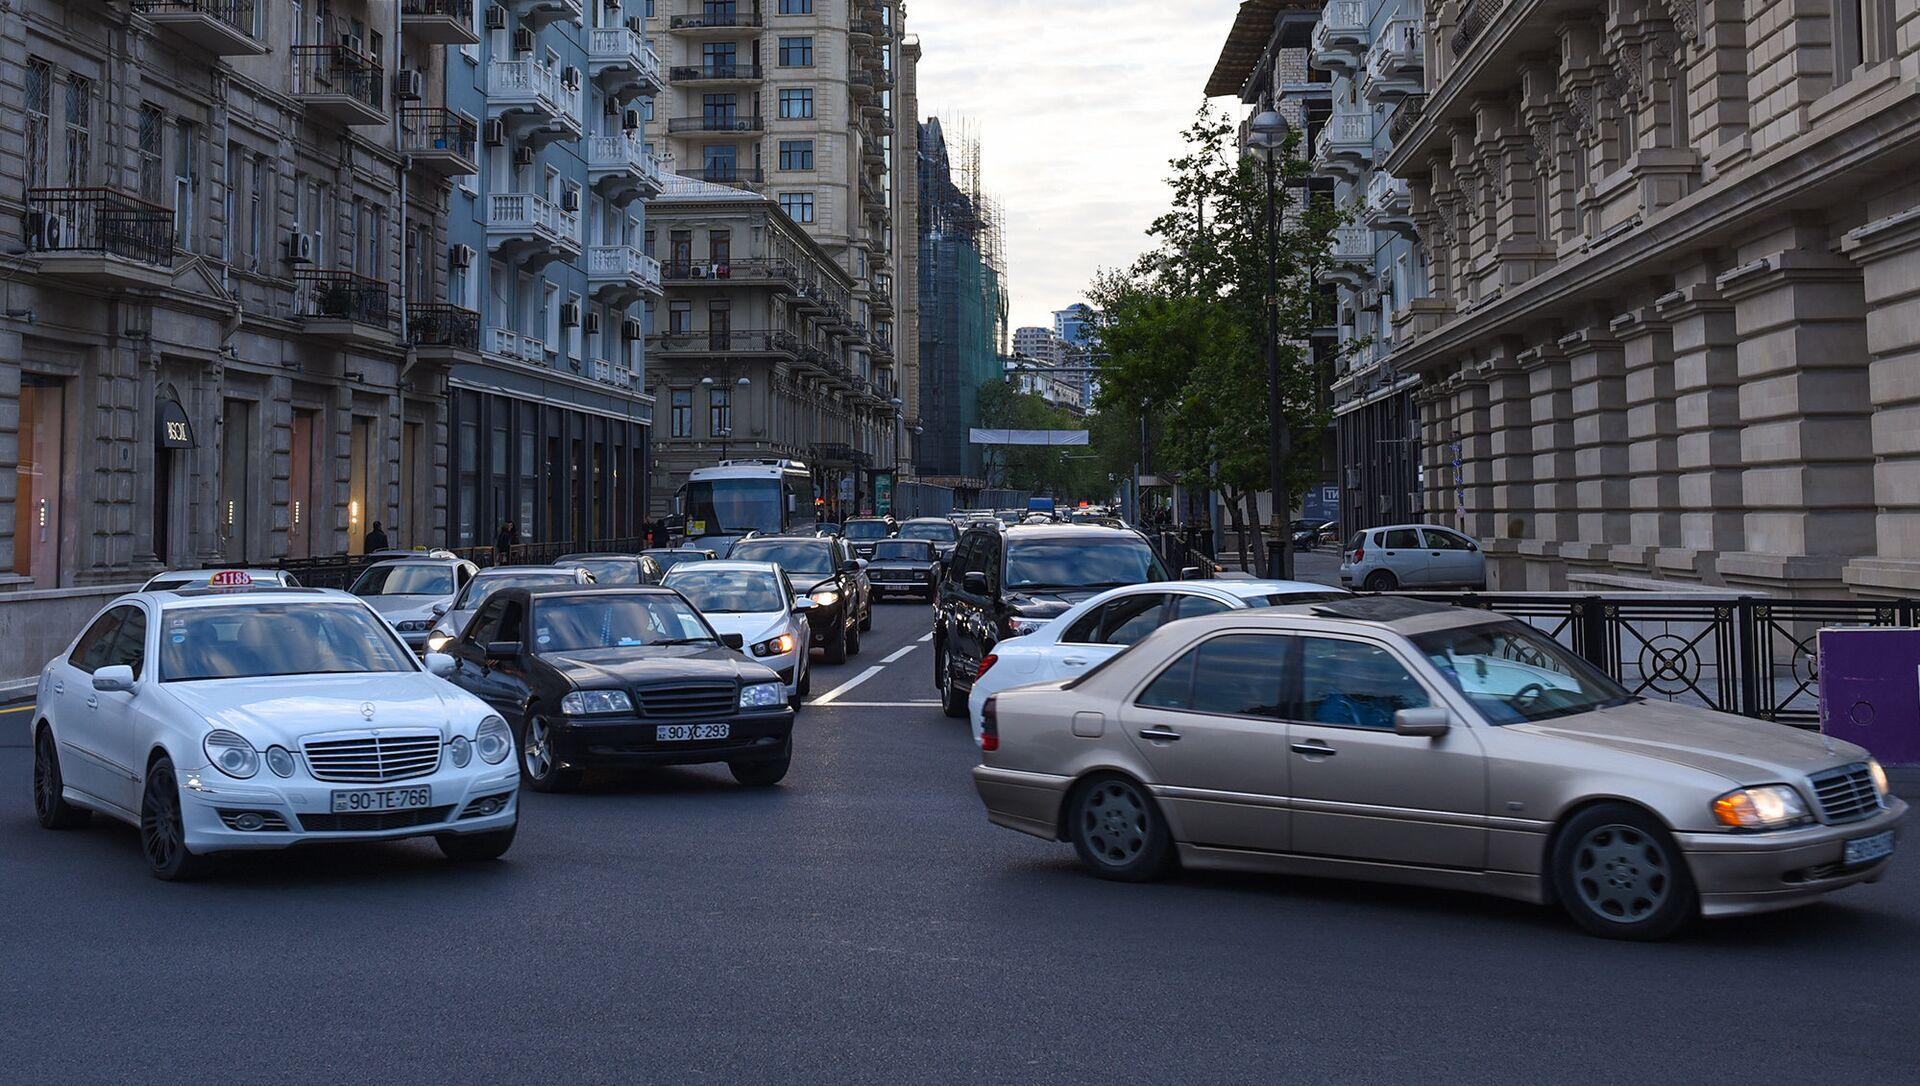 Движение транспорта на одной из центральных улиц Баку, фото из архива - Sputnik Азербайджан, 1920, 31.08.2021